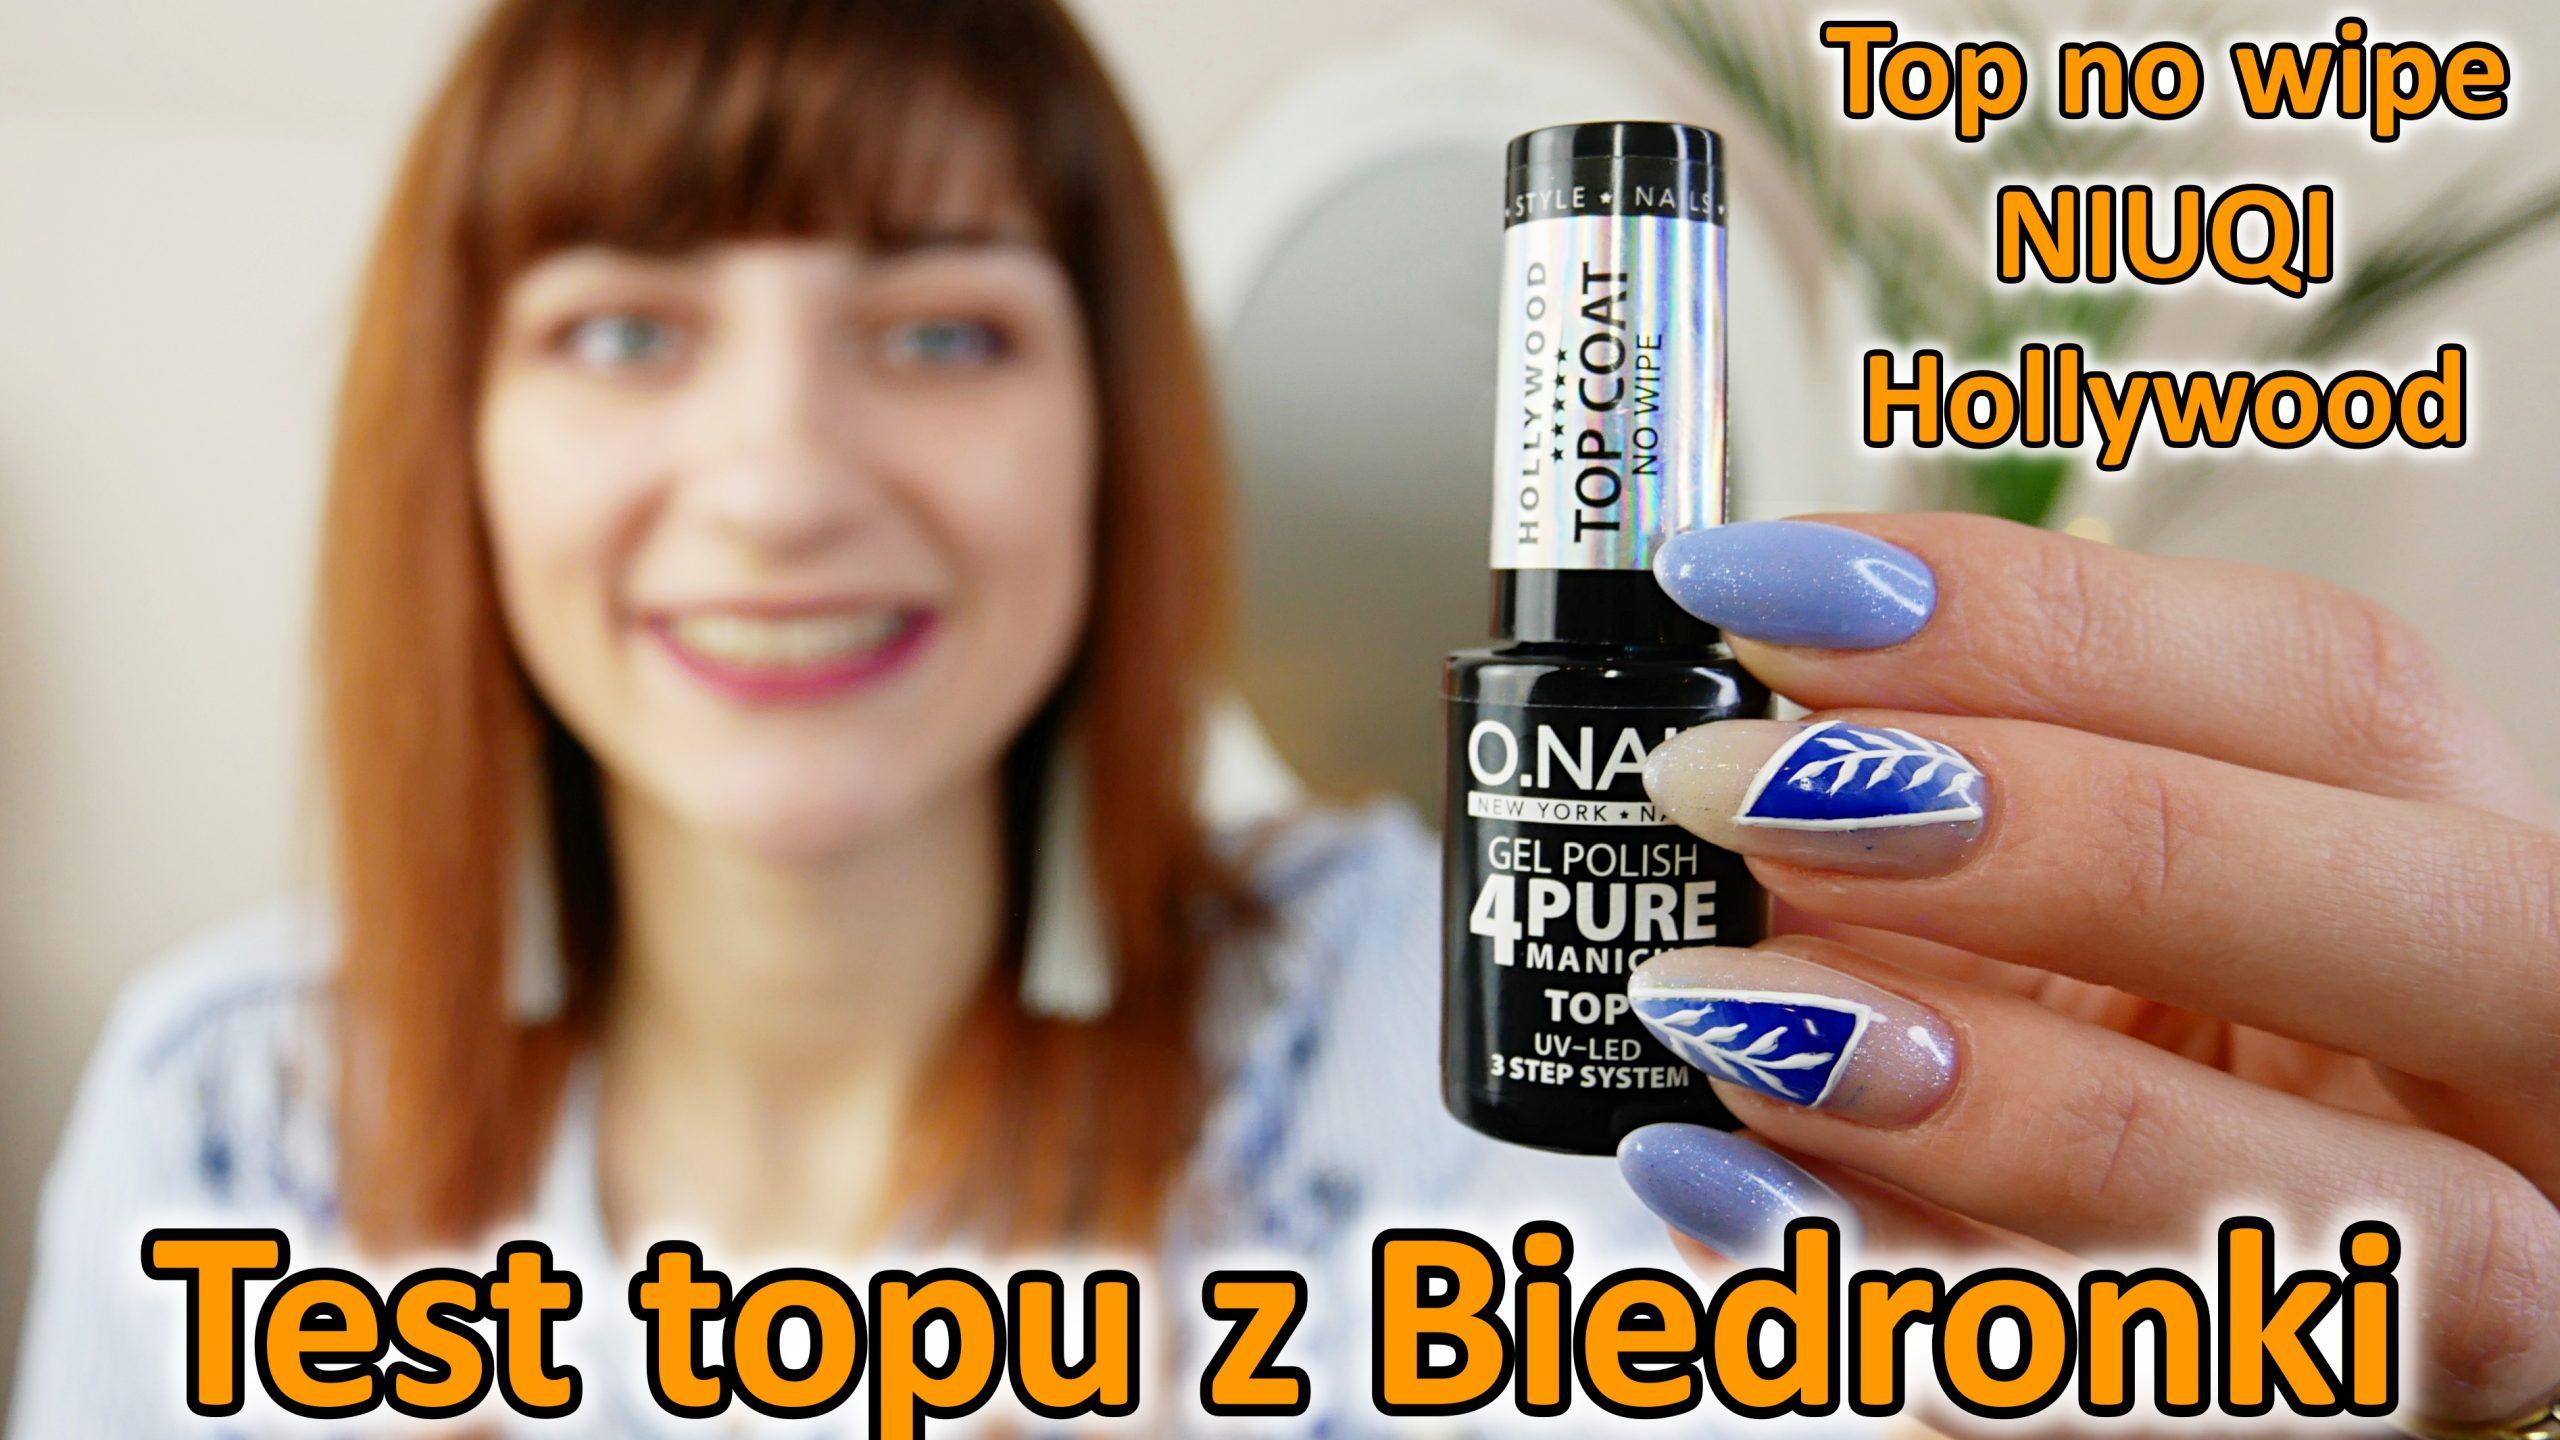 NIUQI-top-no-wipe-Hollywood-z-Biedronki-shiny-nails-tani-blyszczacy-Lakierowniczka